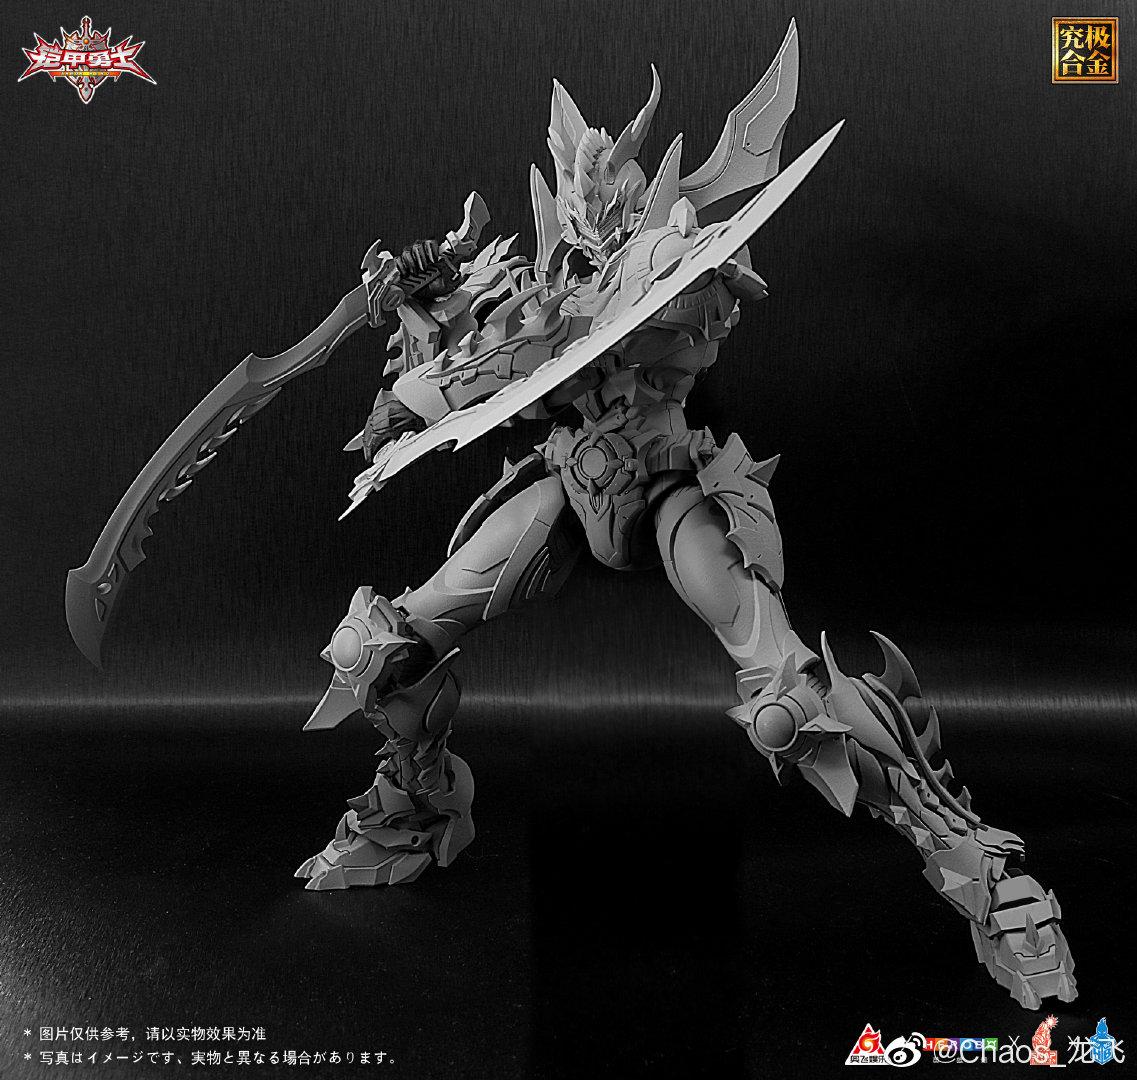 S536_snap_Armor_hero_Emperor_enryu_008.jpg